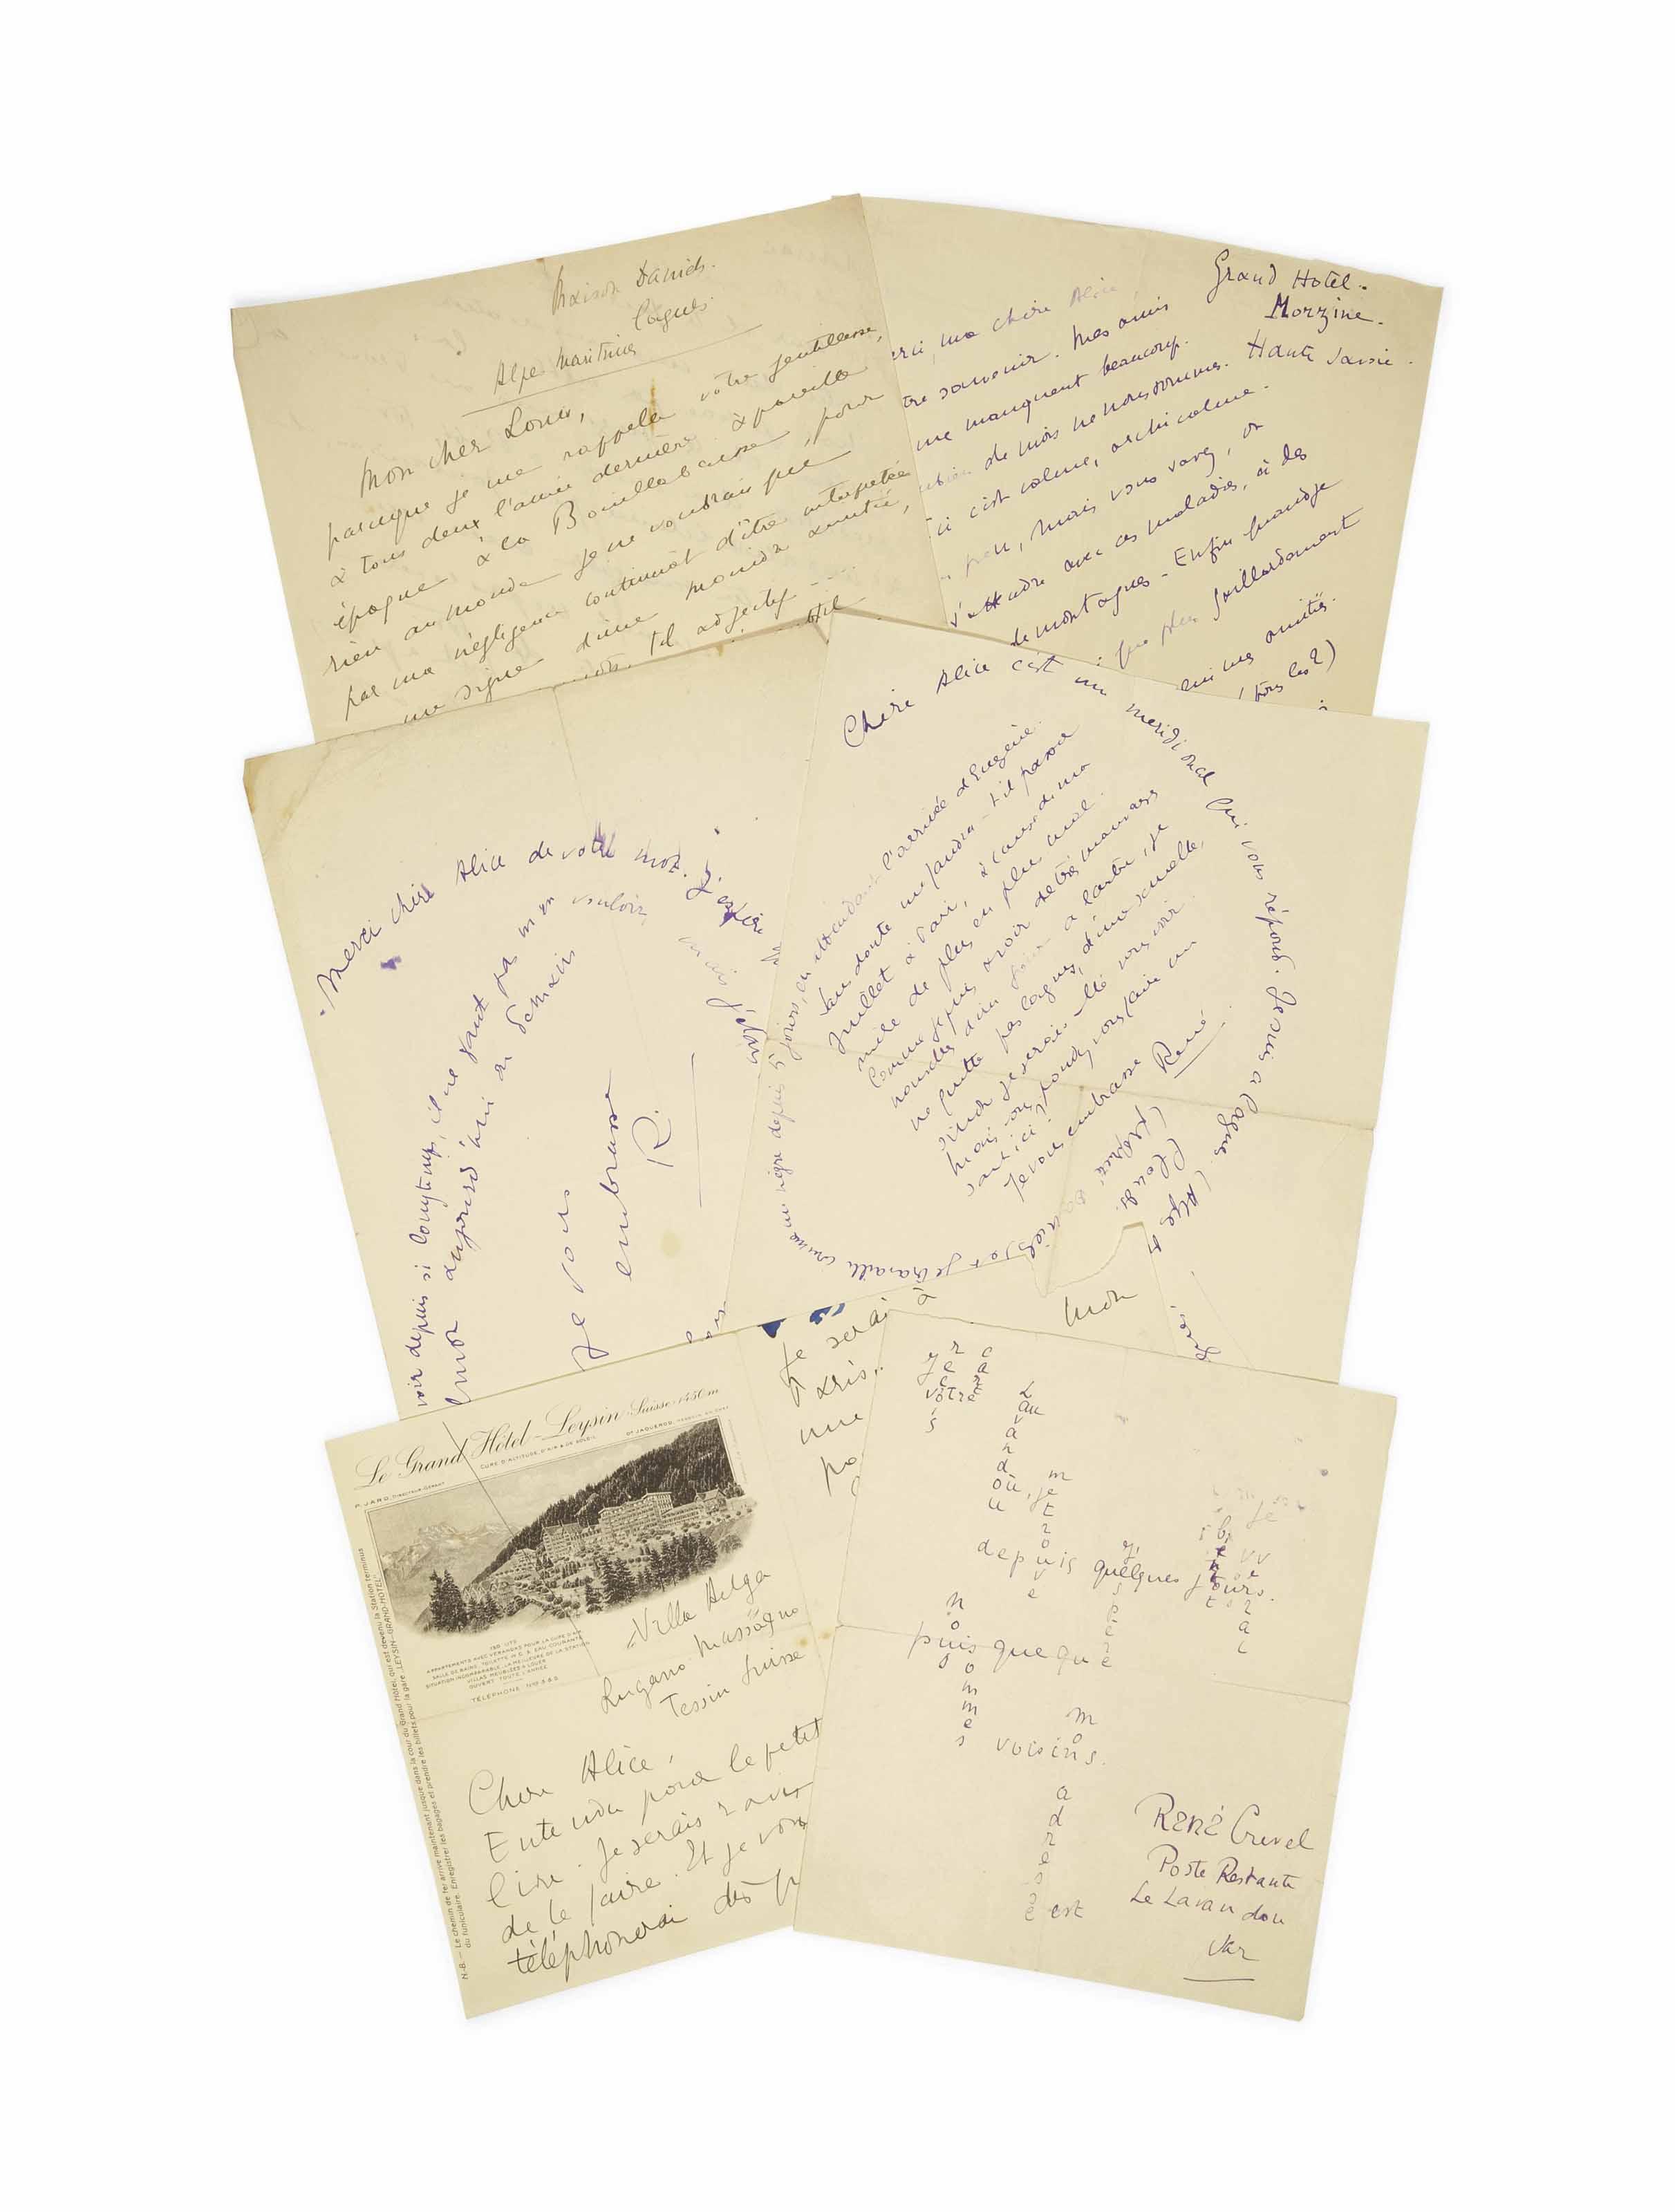 """CREVEL, René (1900-1935). Réunion de 24 lettres autographes signées, 18 adressées à Alice Halicka, 5 à Louis Marcoussis et une à M. & Mme Marcoussis. Non datées, vers 1925-1926. Les lettres, d'une à quatre pages et de divers formats, sont tour à tour signées """"René Crevel"""", """"René"""" ou """"R"""". Deux sont écrites sous forme de calligramme. (Détail des lettres sur demande.)"""